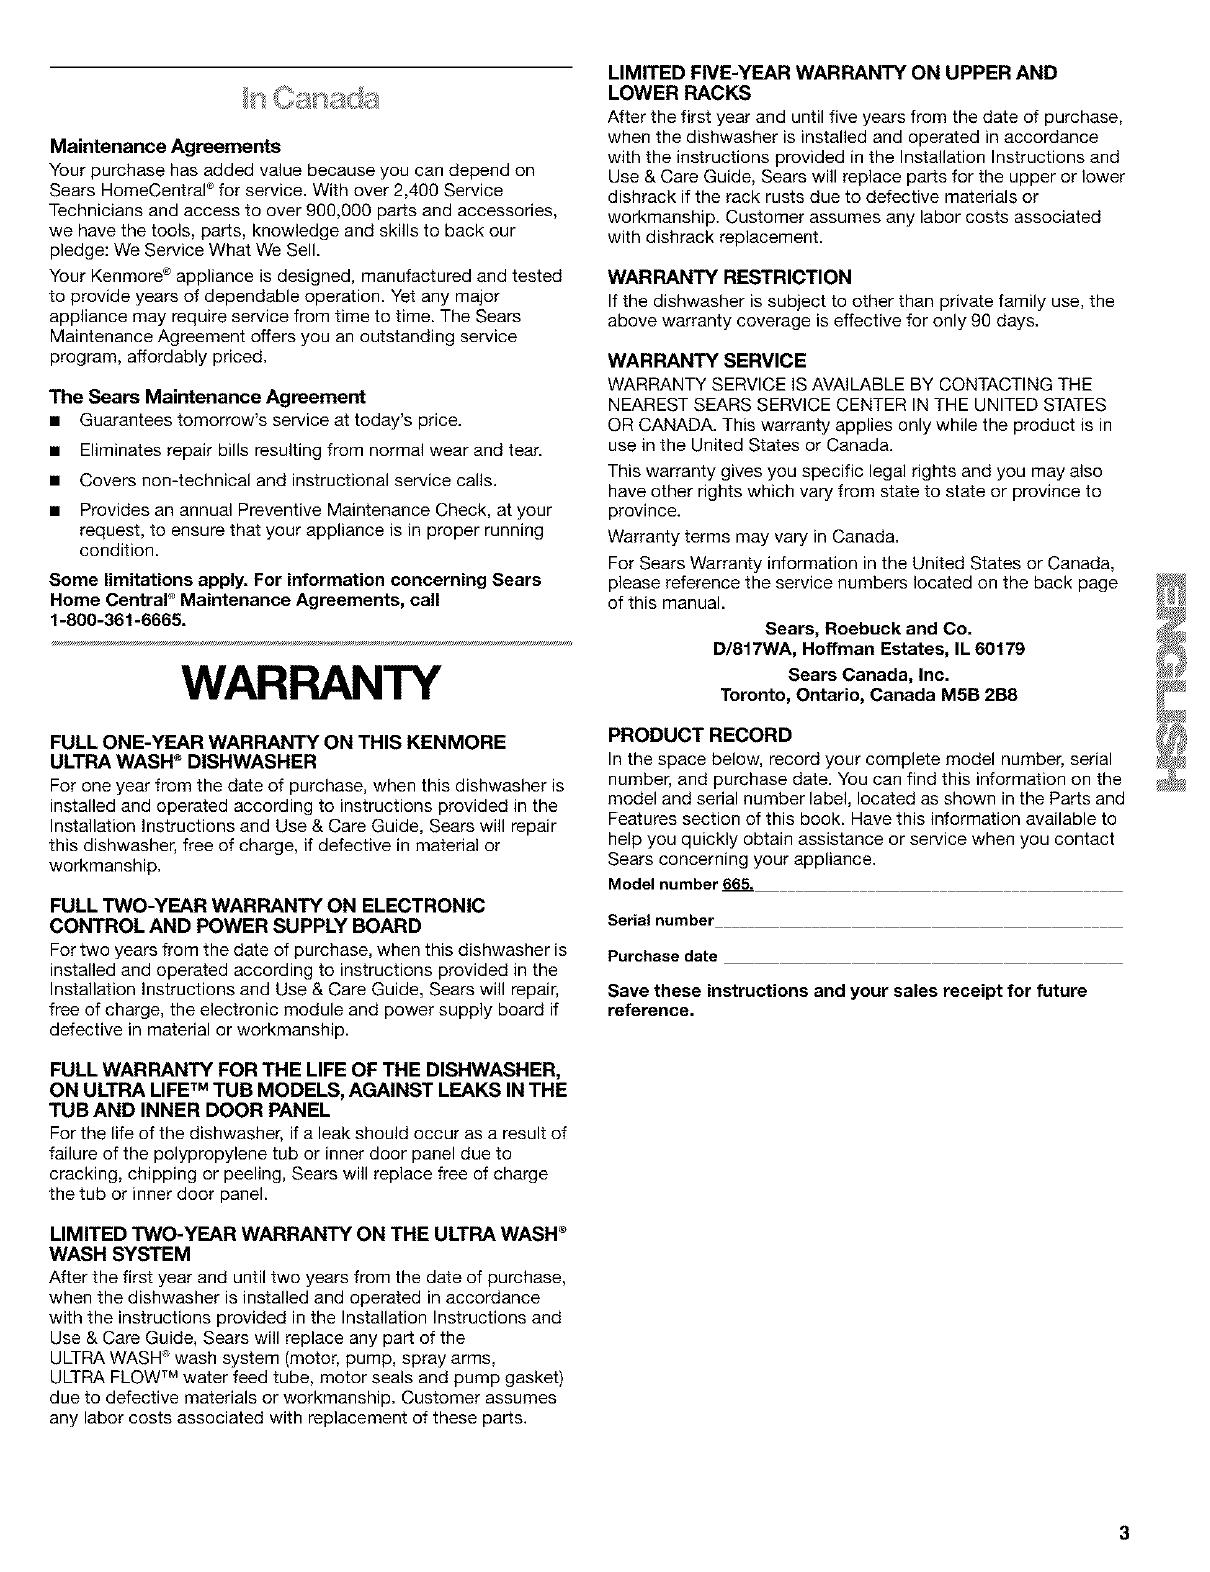 craftsman dishwasher user manual